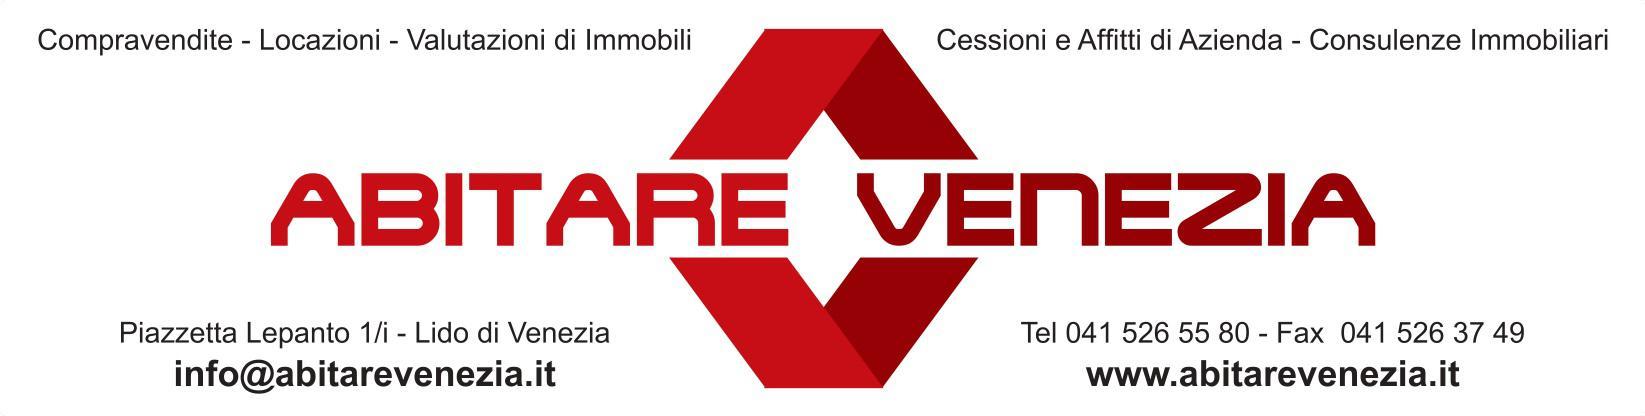 abitare venezia